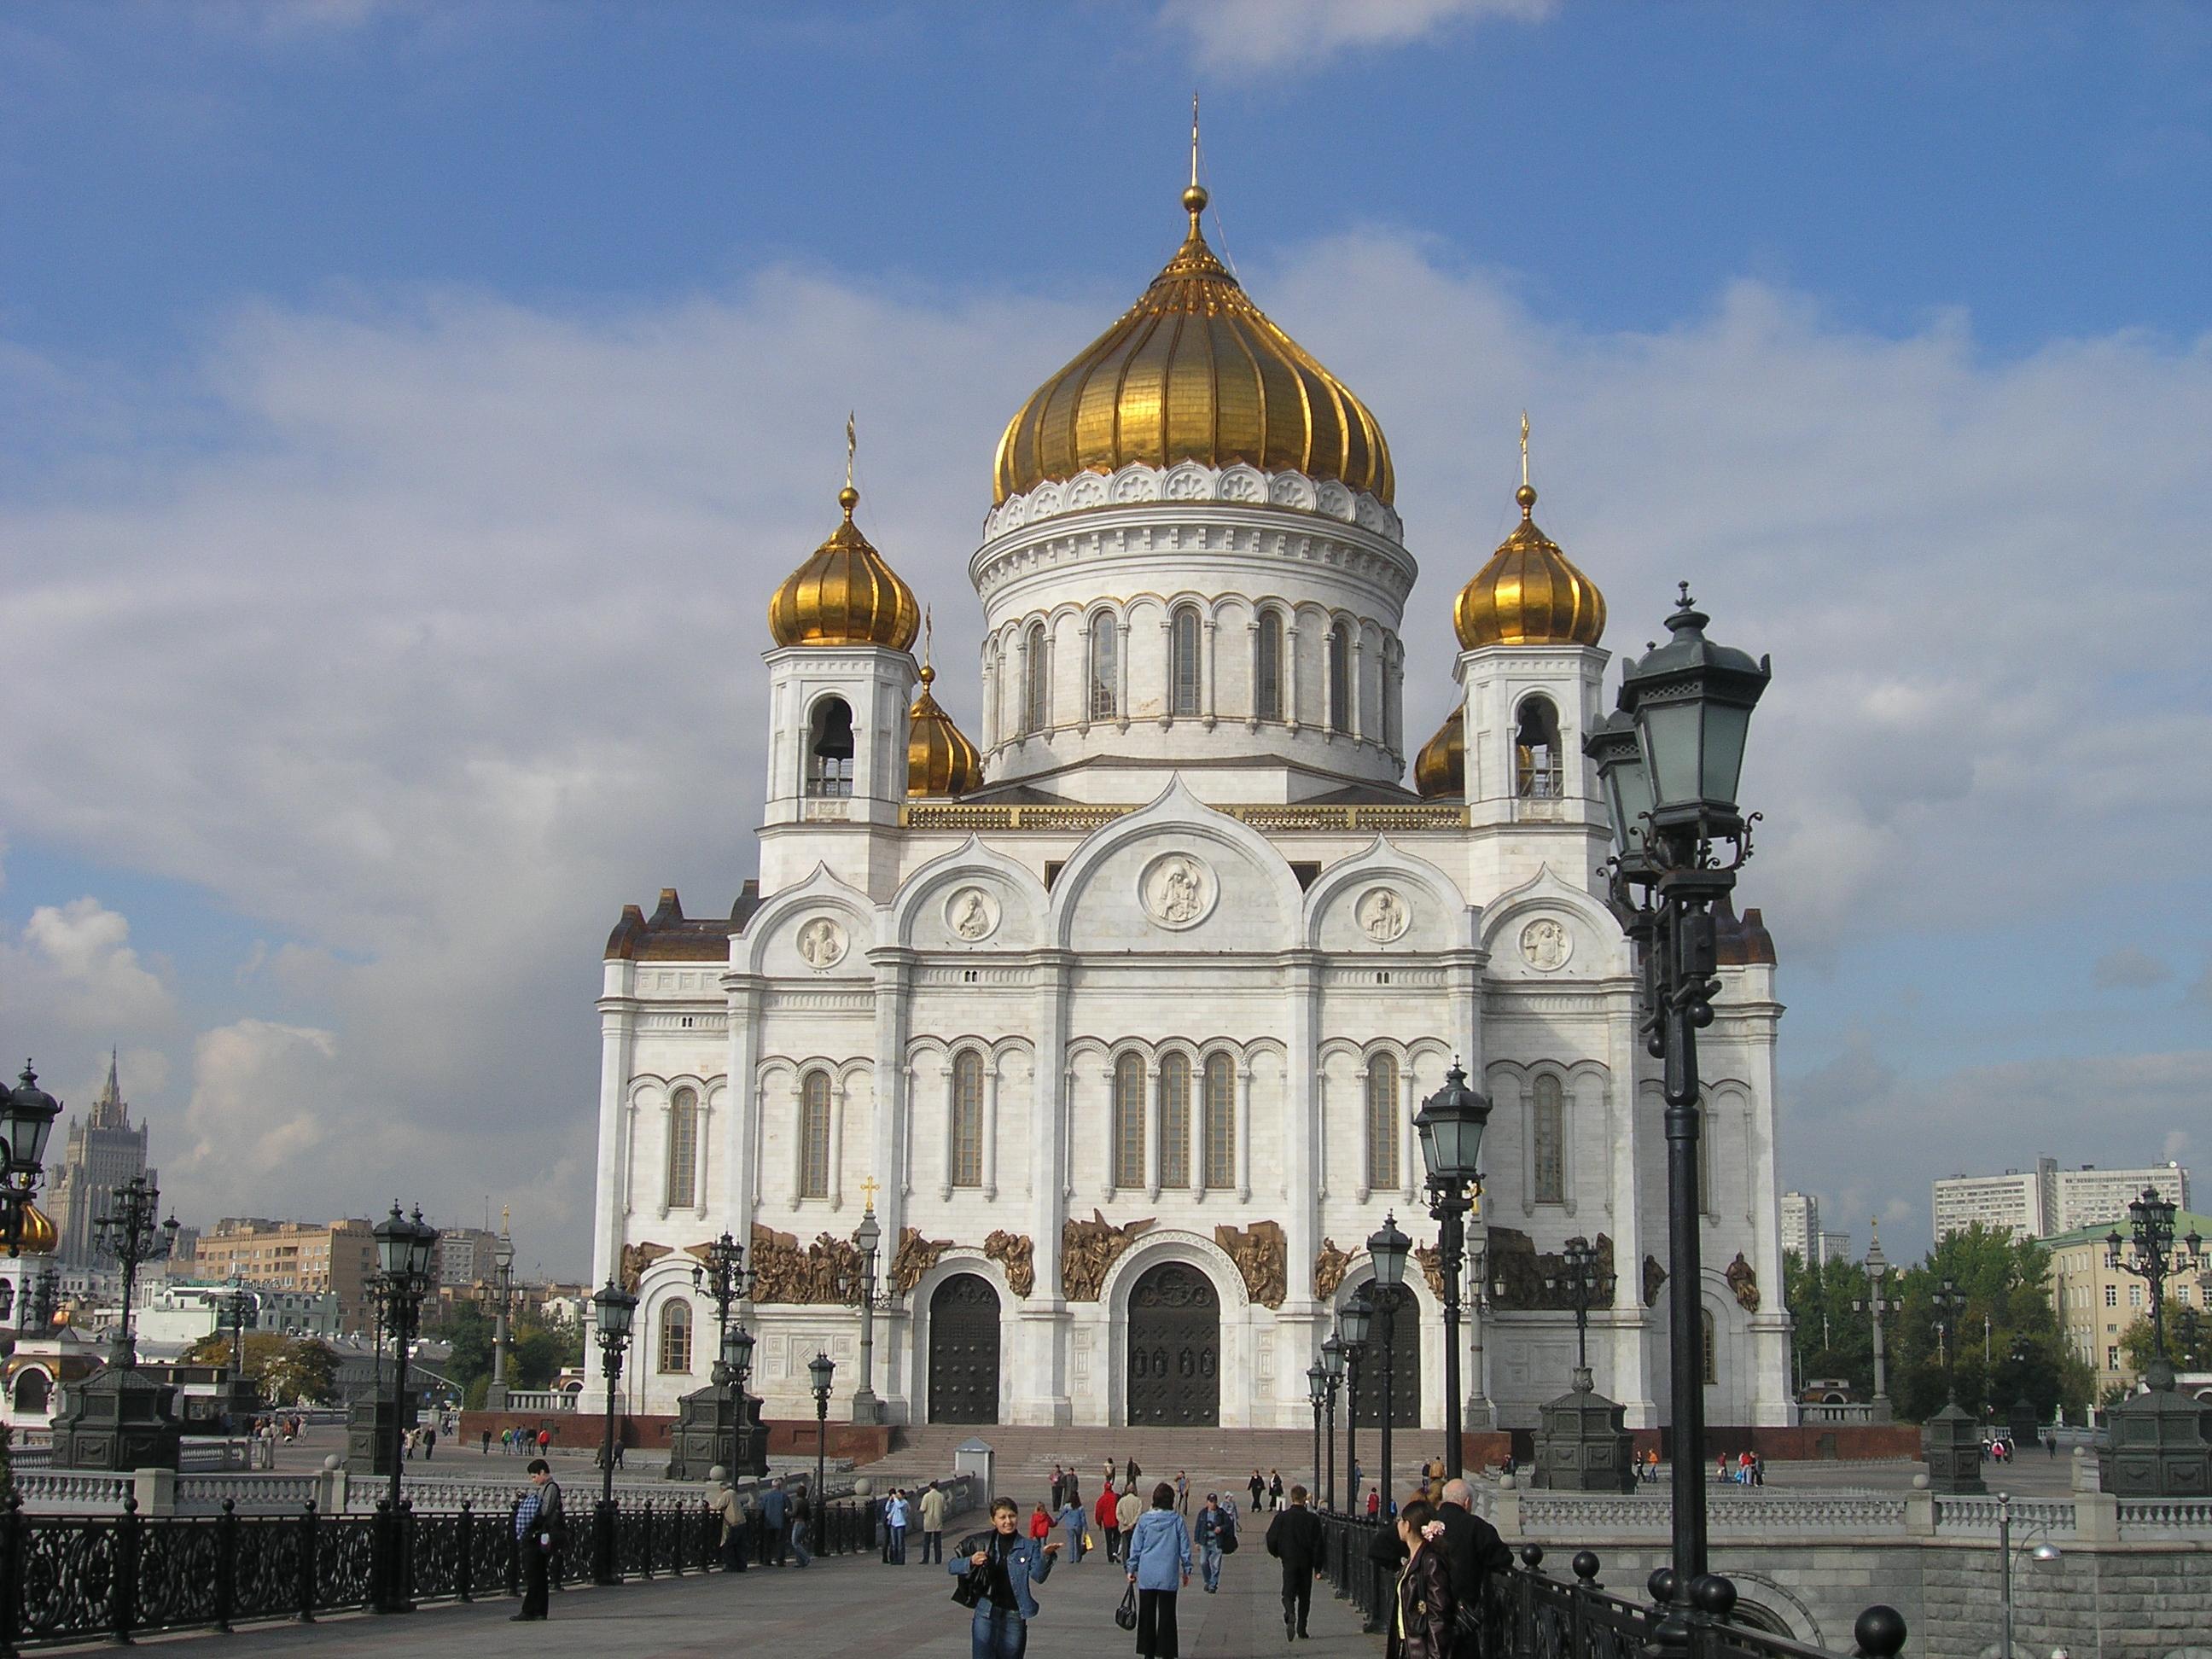 Moscoq